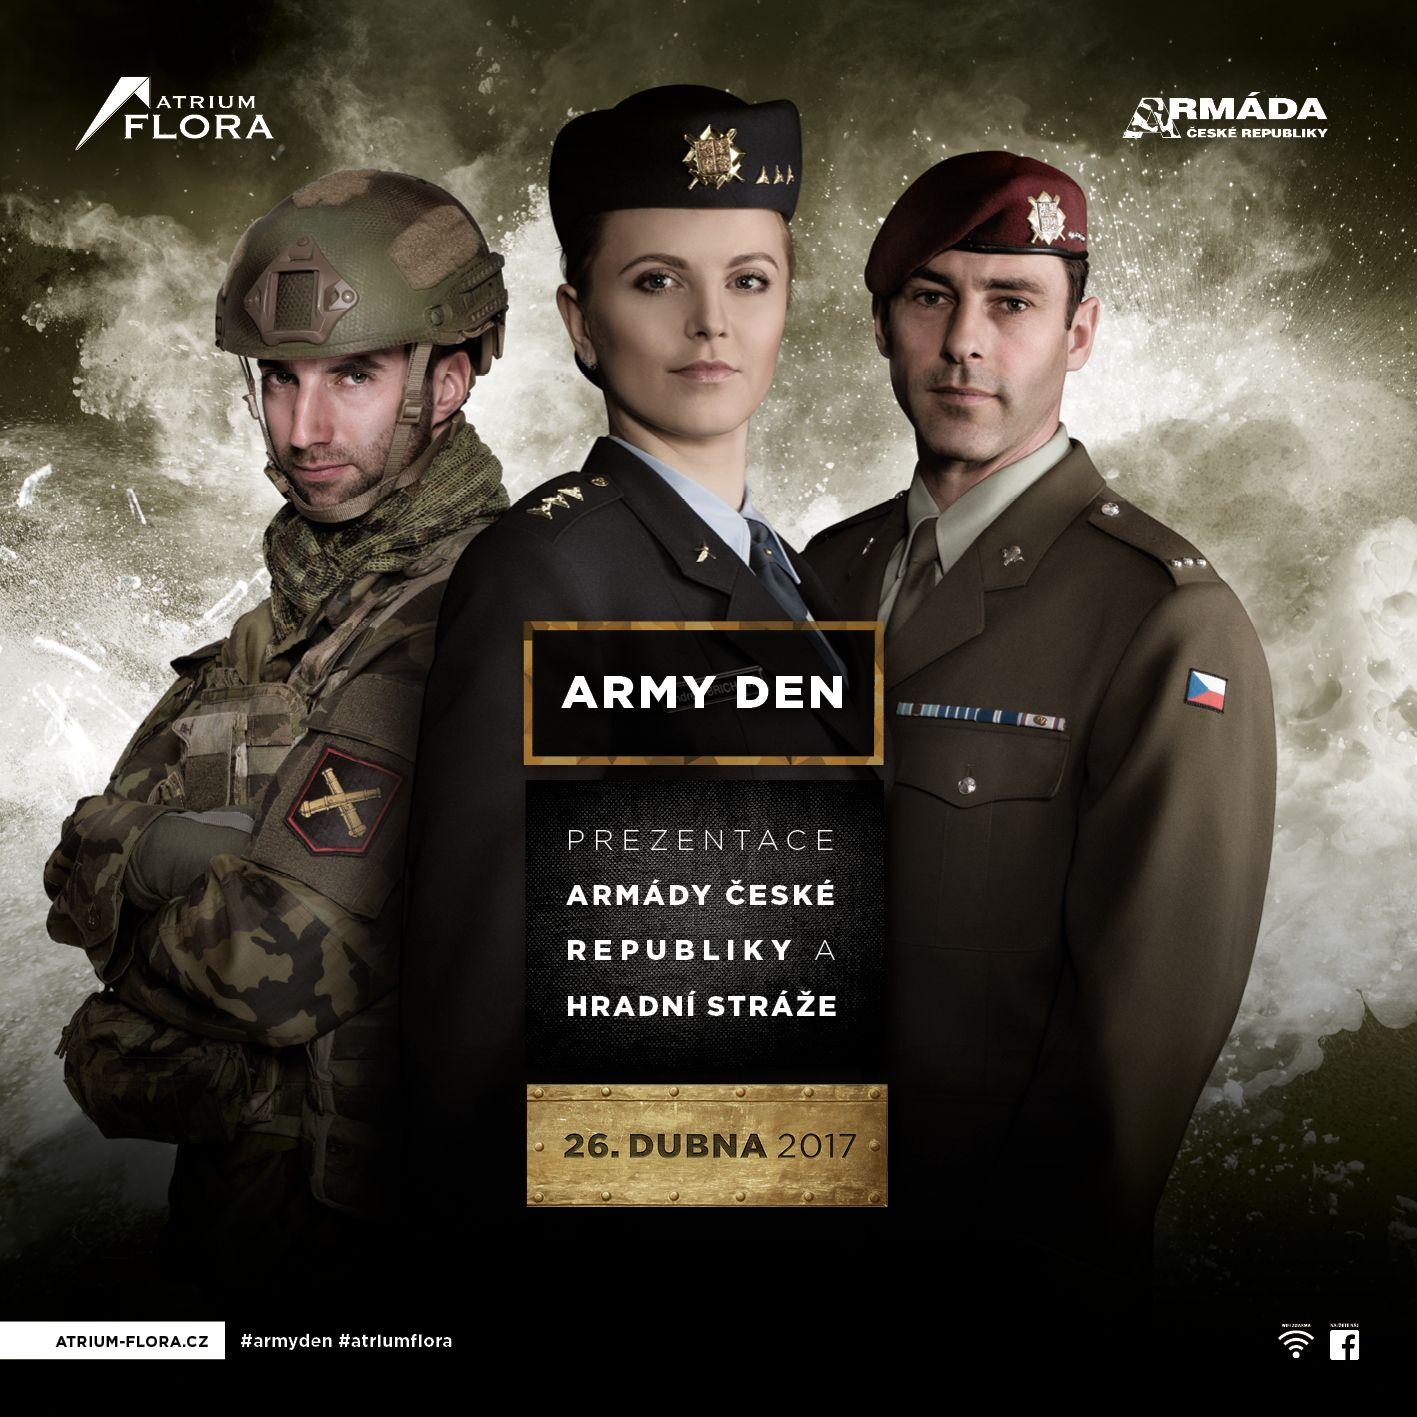 Slevový kupón pro účastníky akce Army den flora 2019